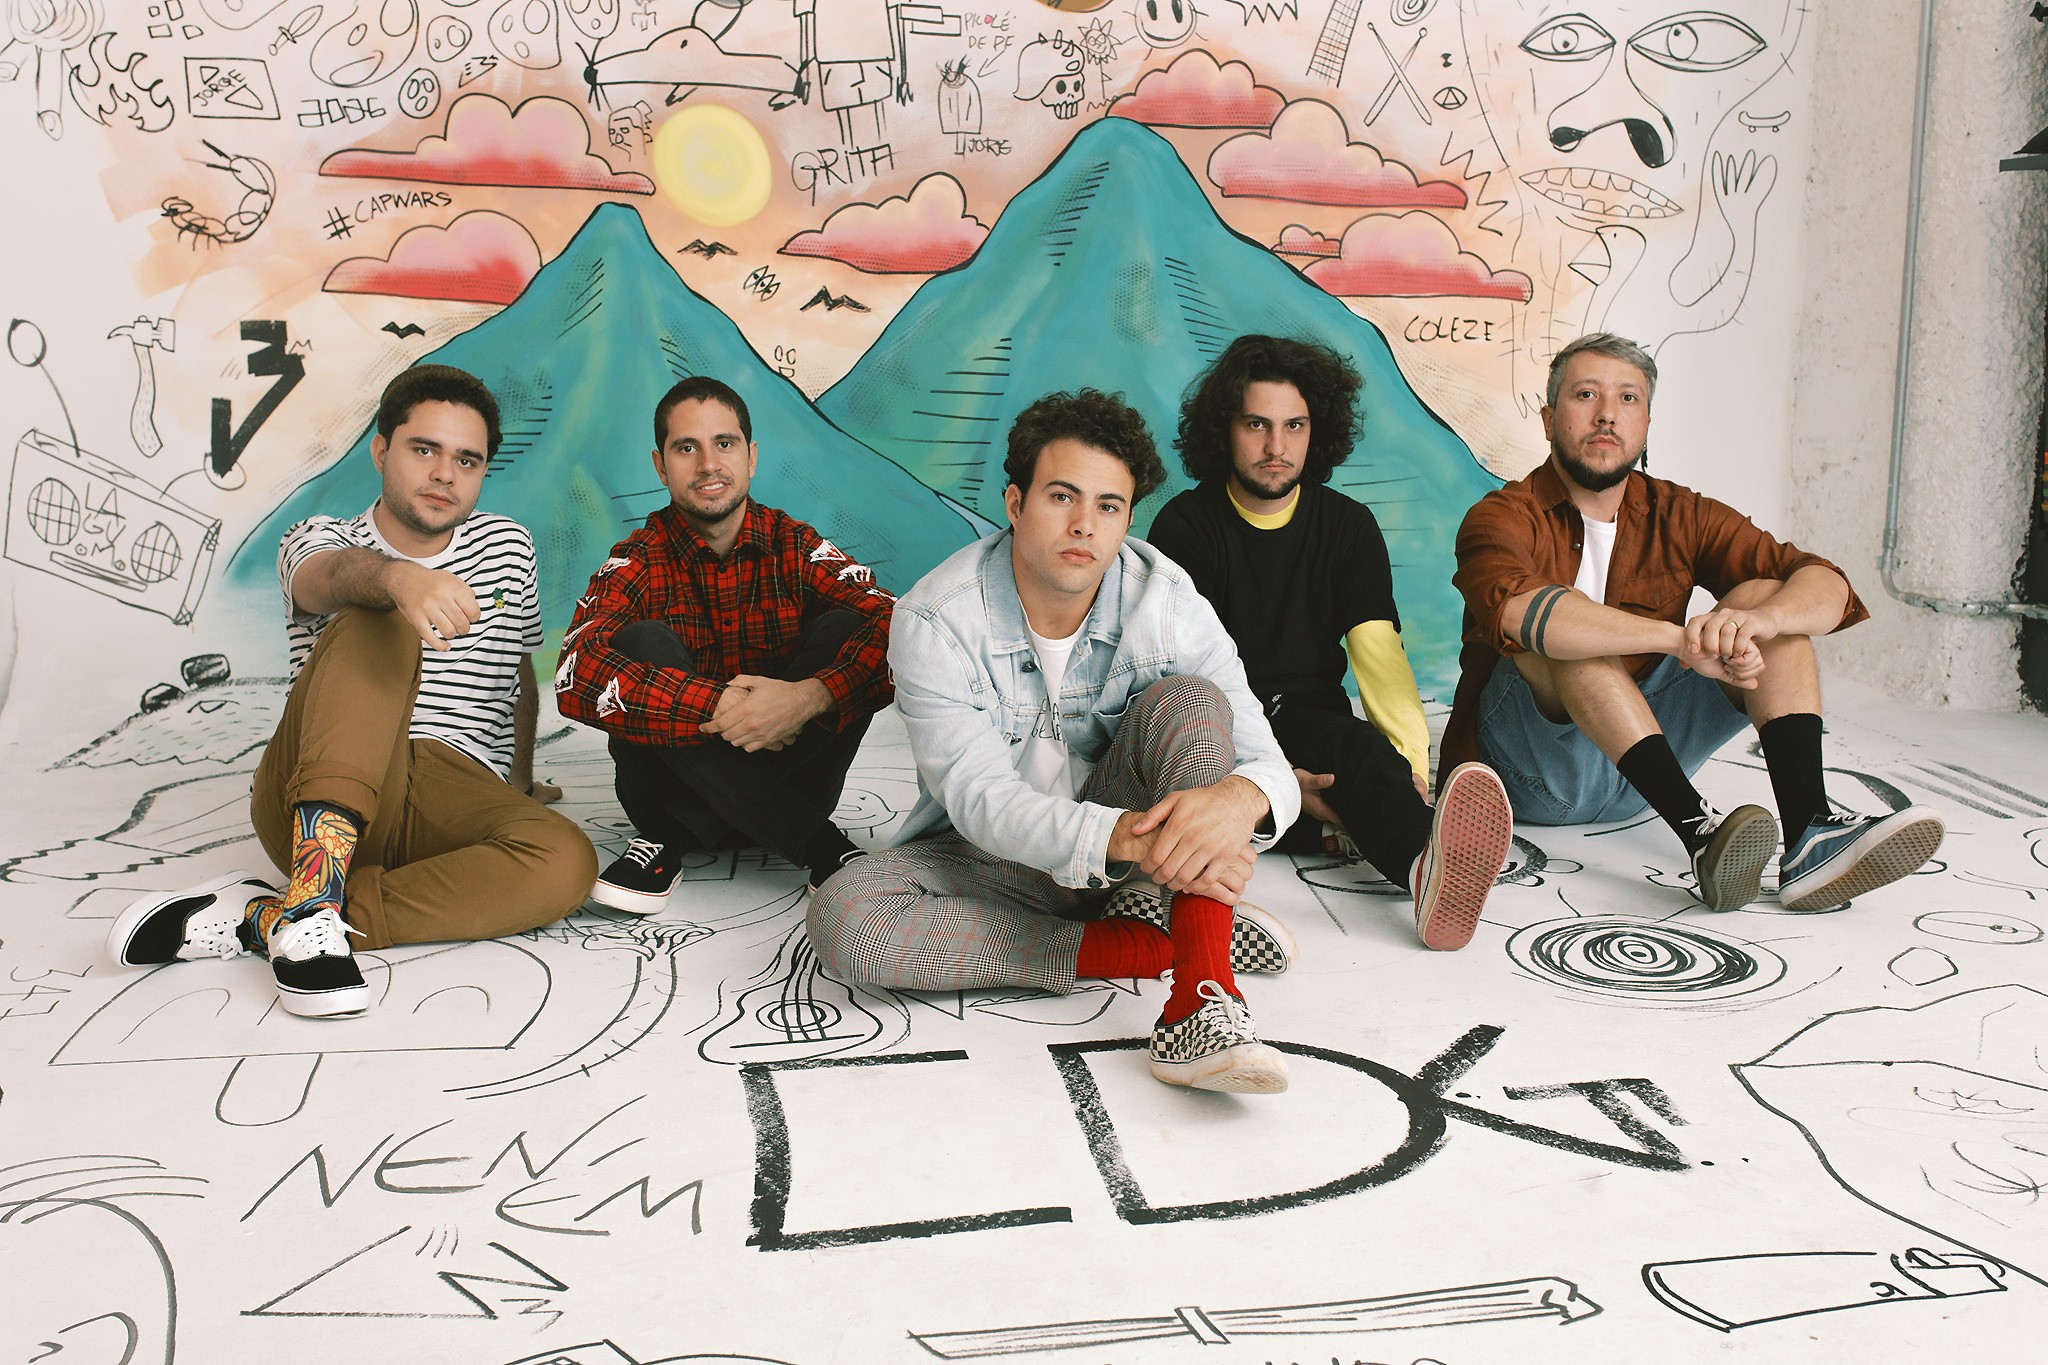 Lagum toca 'Coisas da geração' entre baladas, reggaes e rock do segundo álbum da banda mineira - Notícias - Plantão Diário